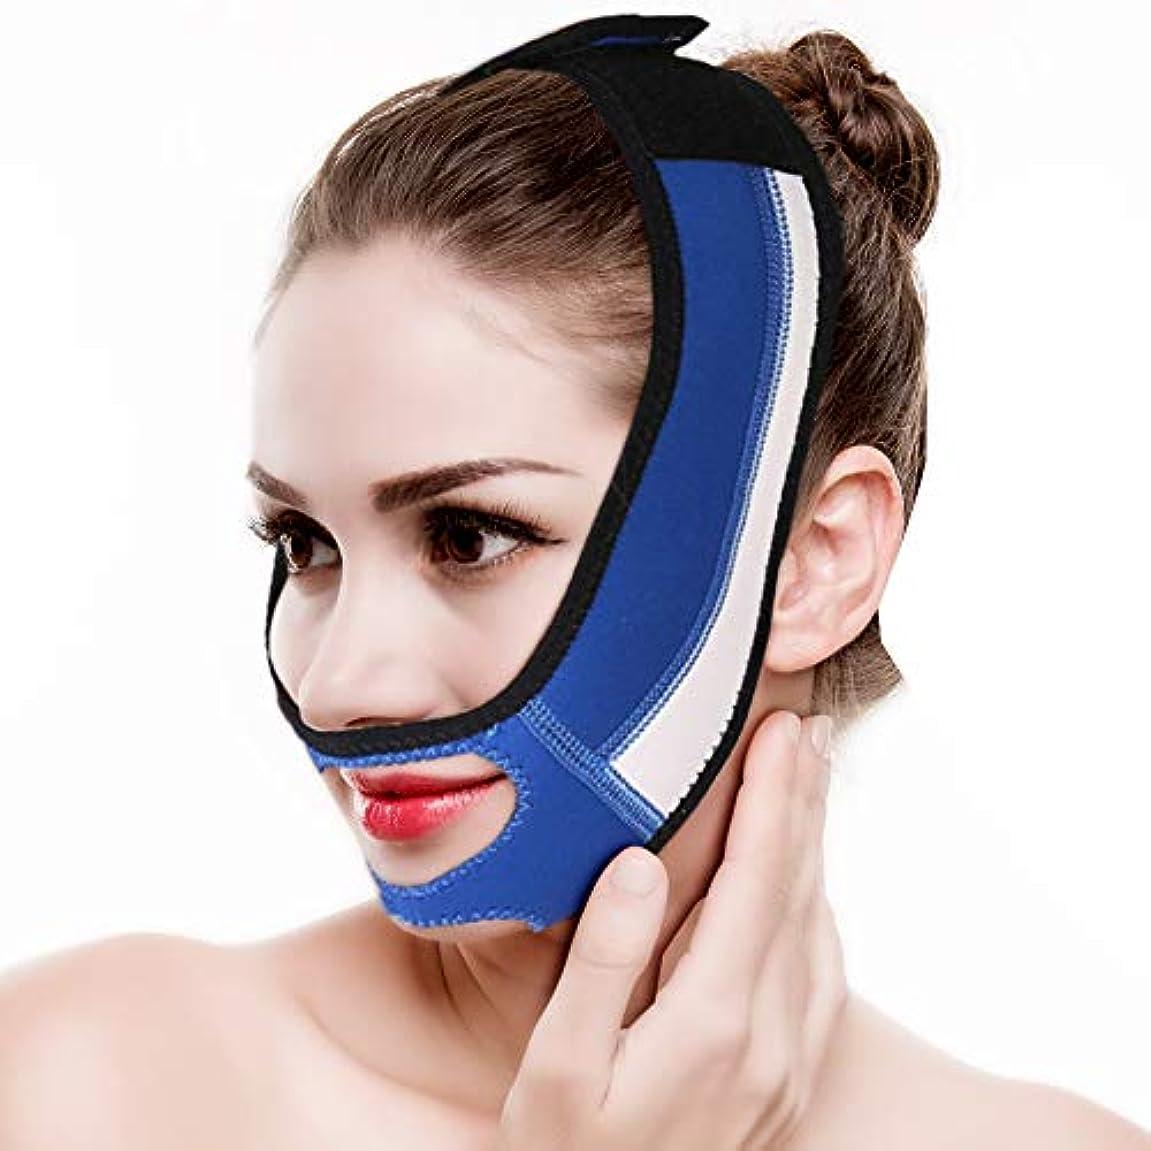 立方体看板抽象化Semme顔の細くマスクの上昇の表面ベルトは皮の包帯を調節します、二重あごは調節可能な減量の包帯を取除きます